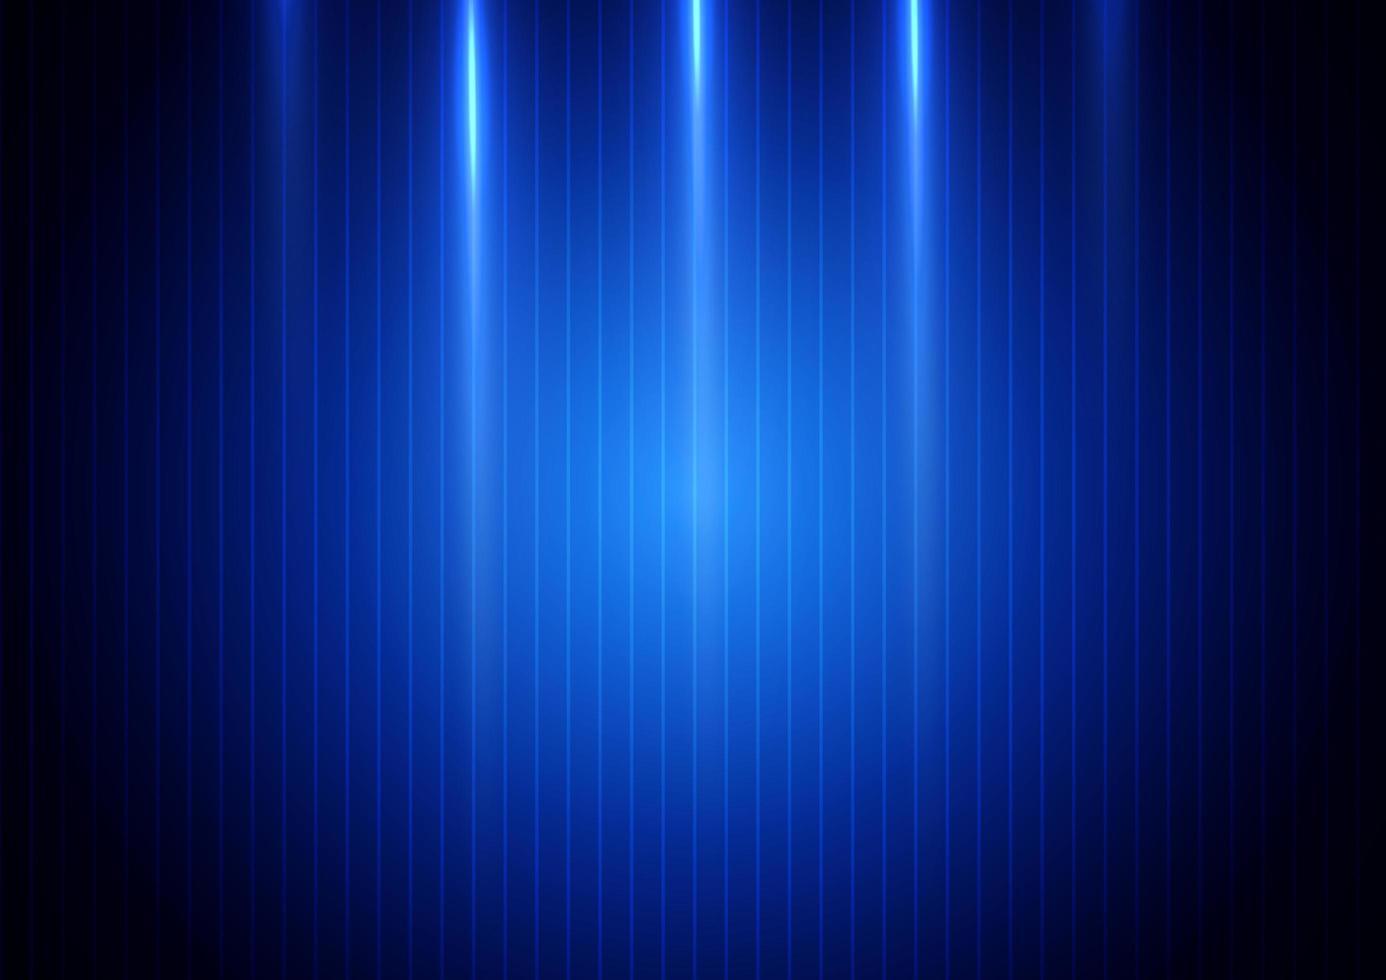 blauw verticaal licht op blauwe achtergrond vector